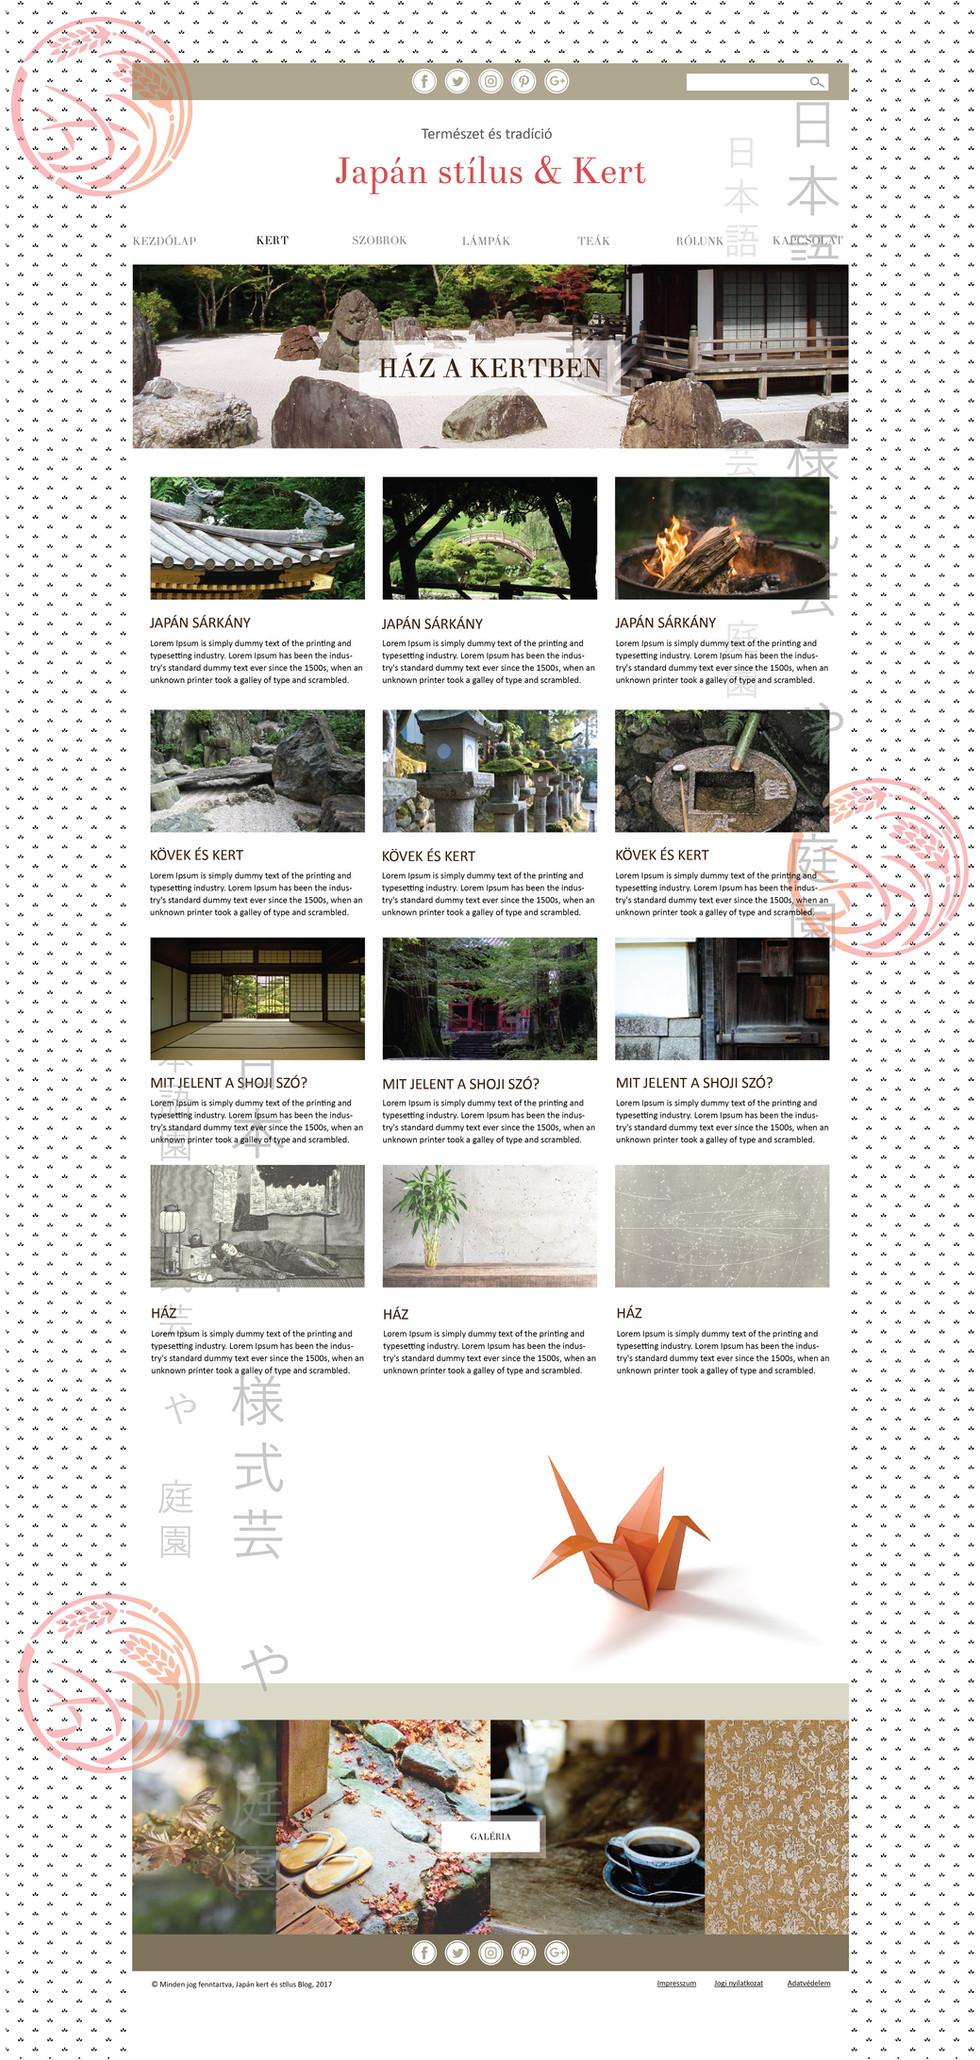 webgrafika4_6-01-01.jpg